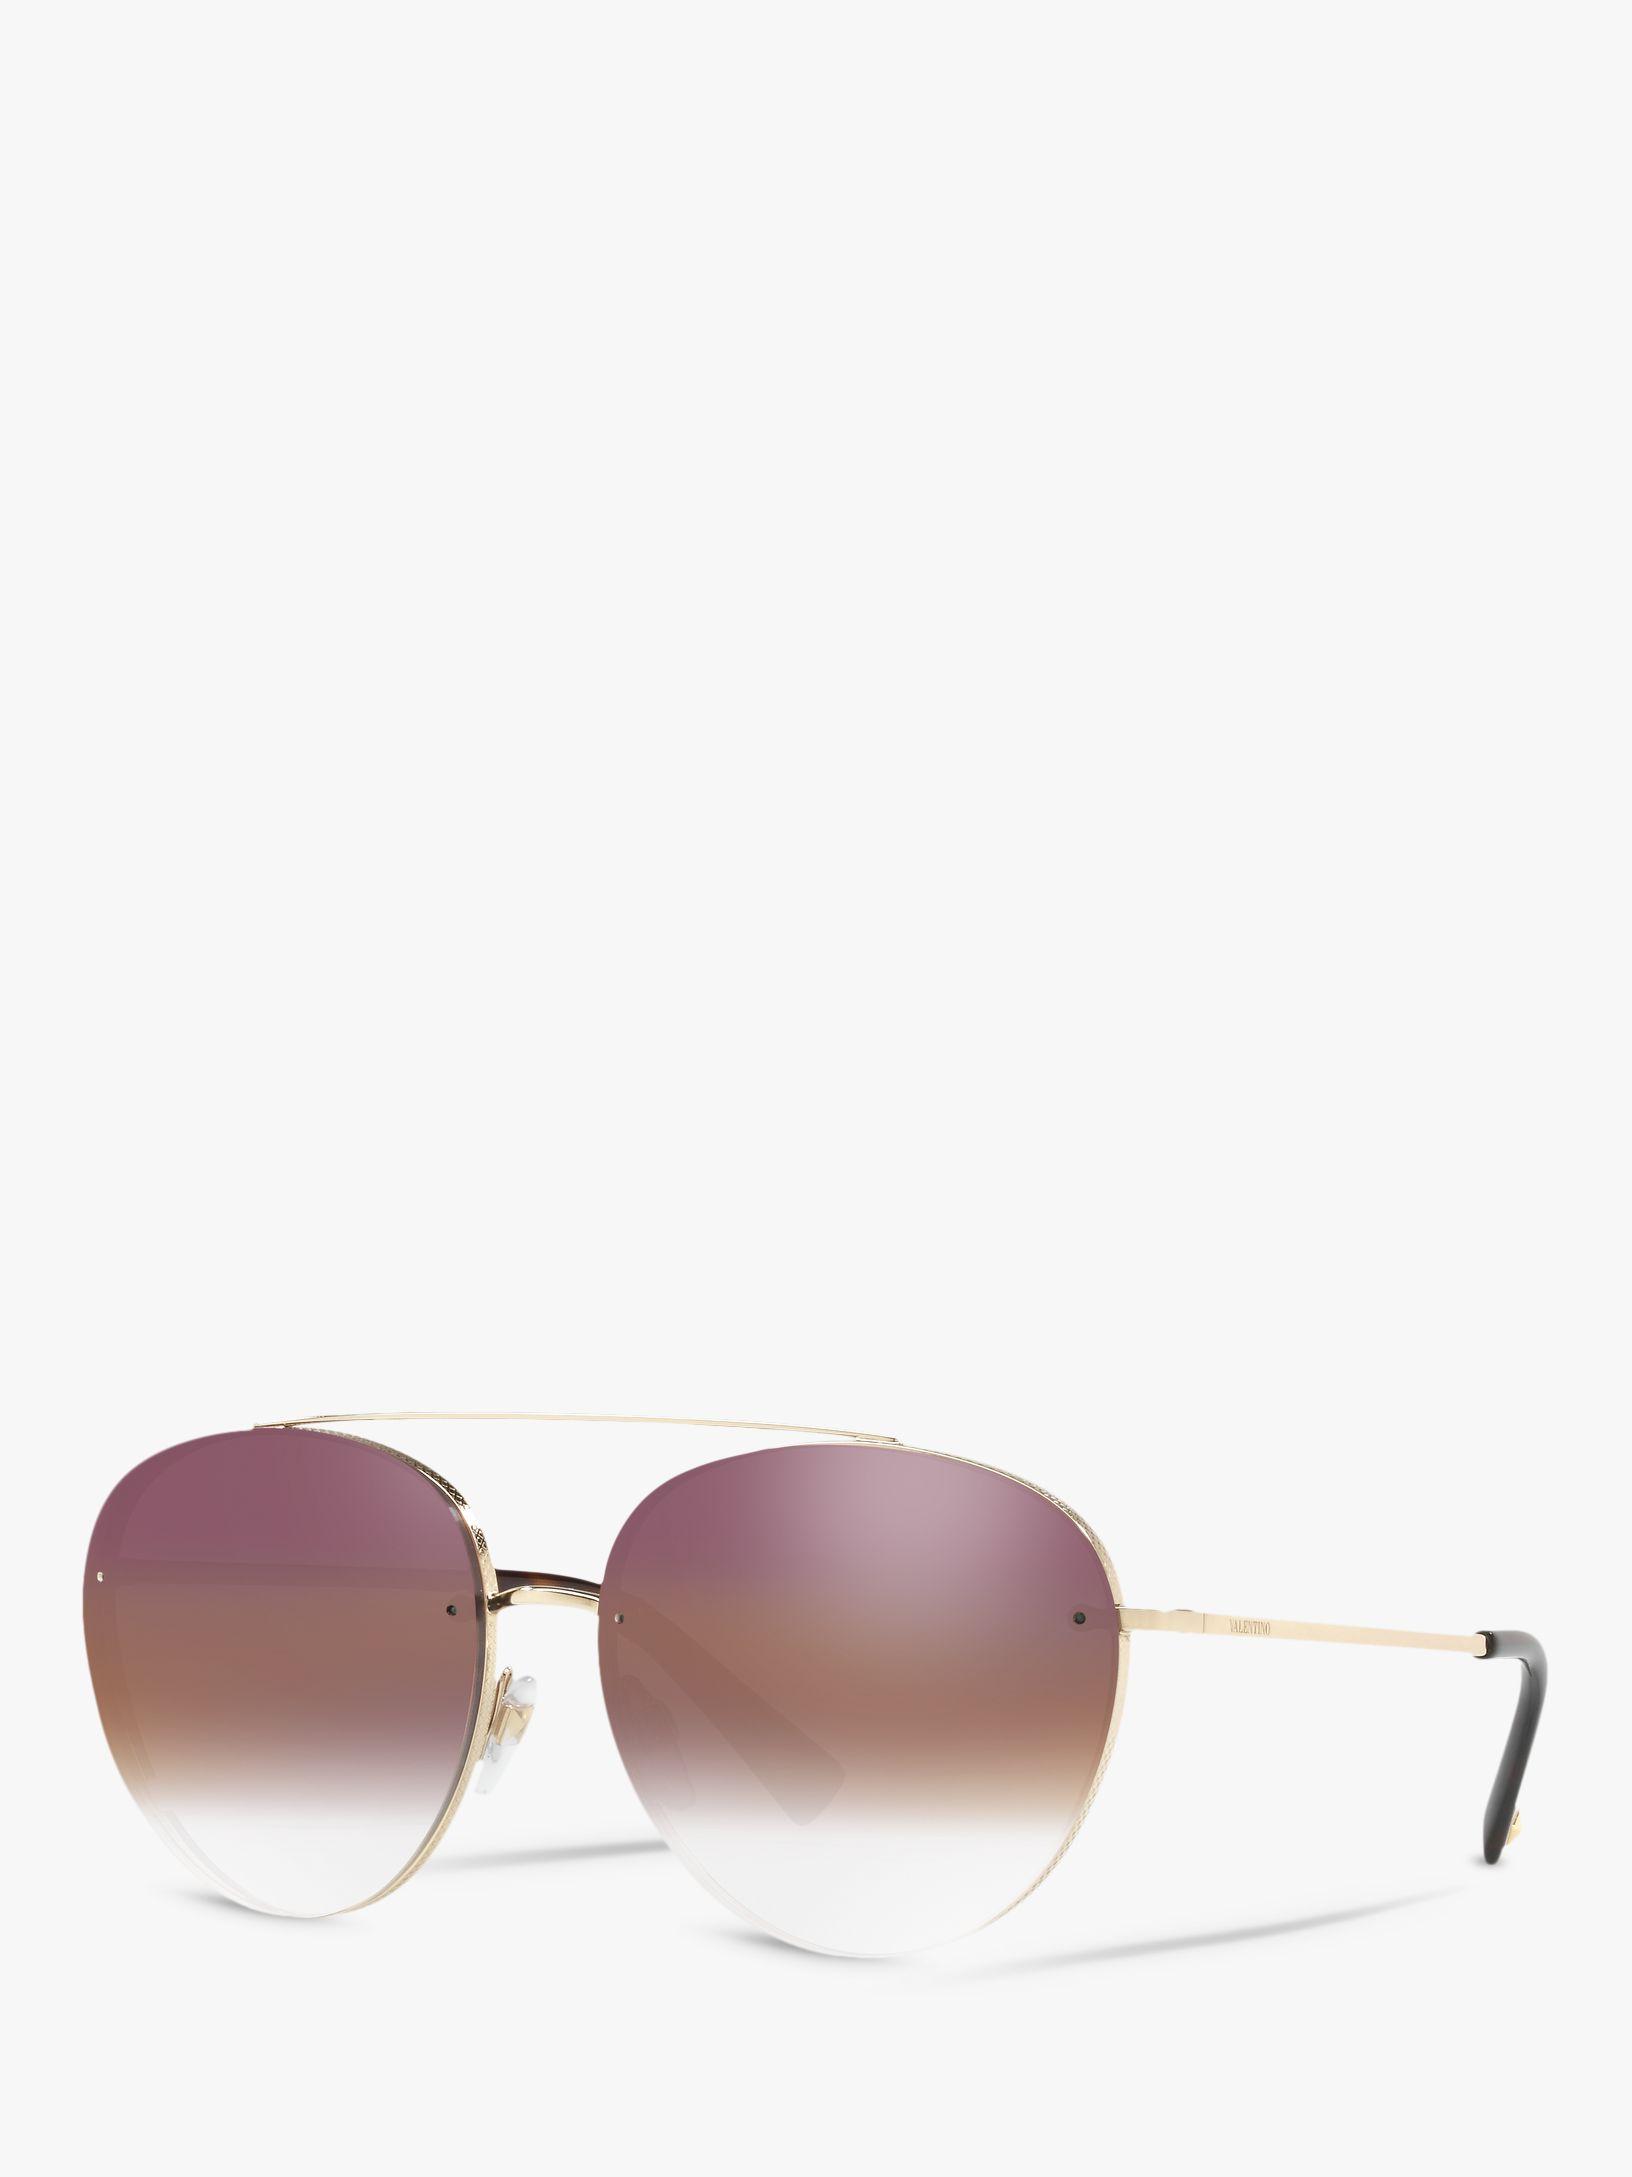 Valentino Valentino VA2009 Women's Aviator Sunglasses, Gold/Mirror Pink